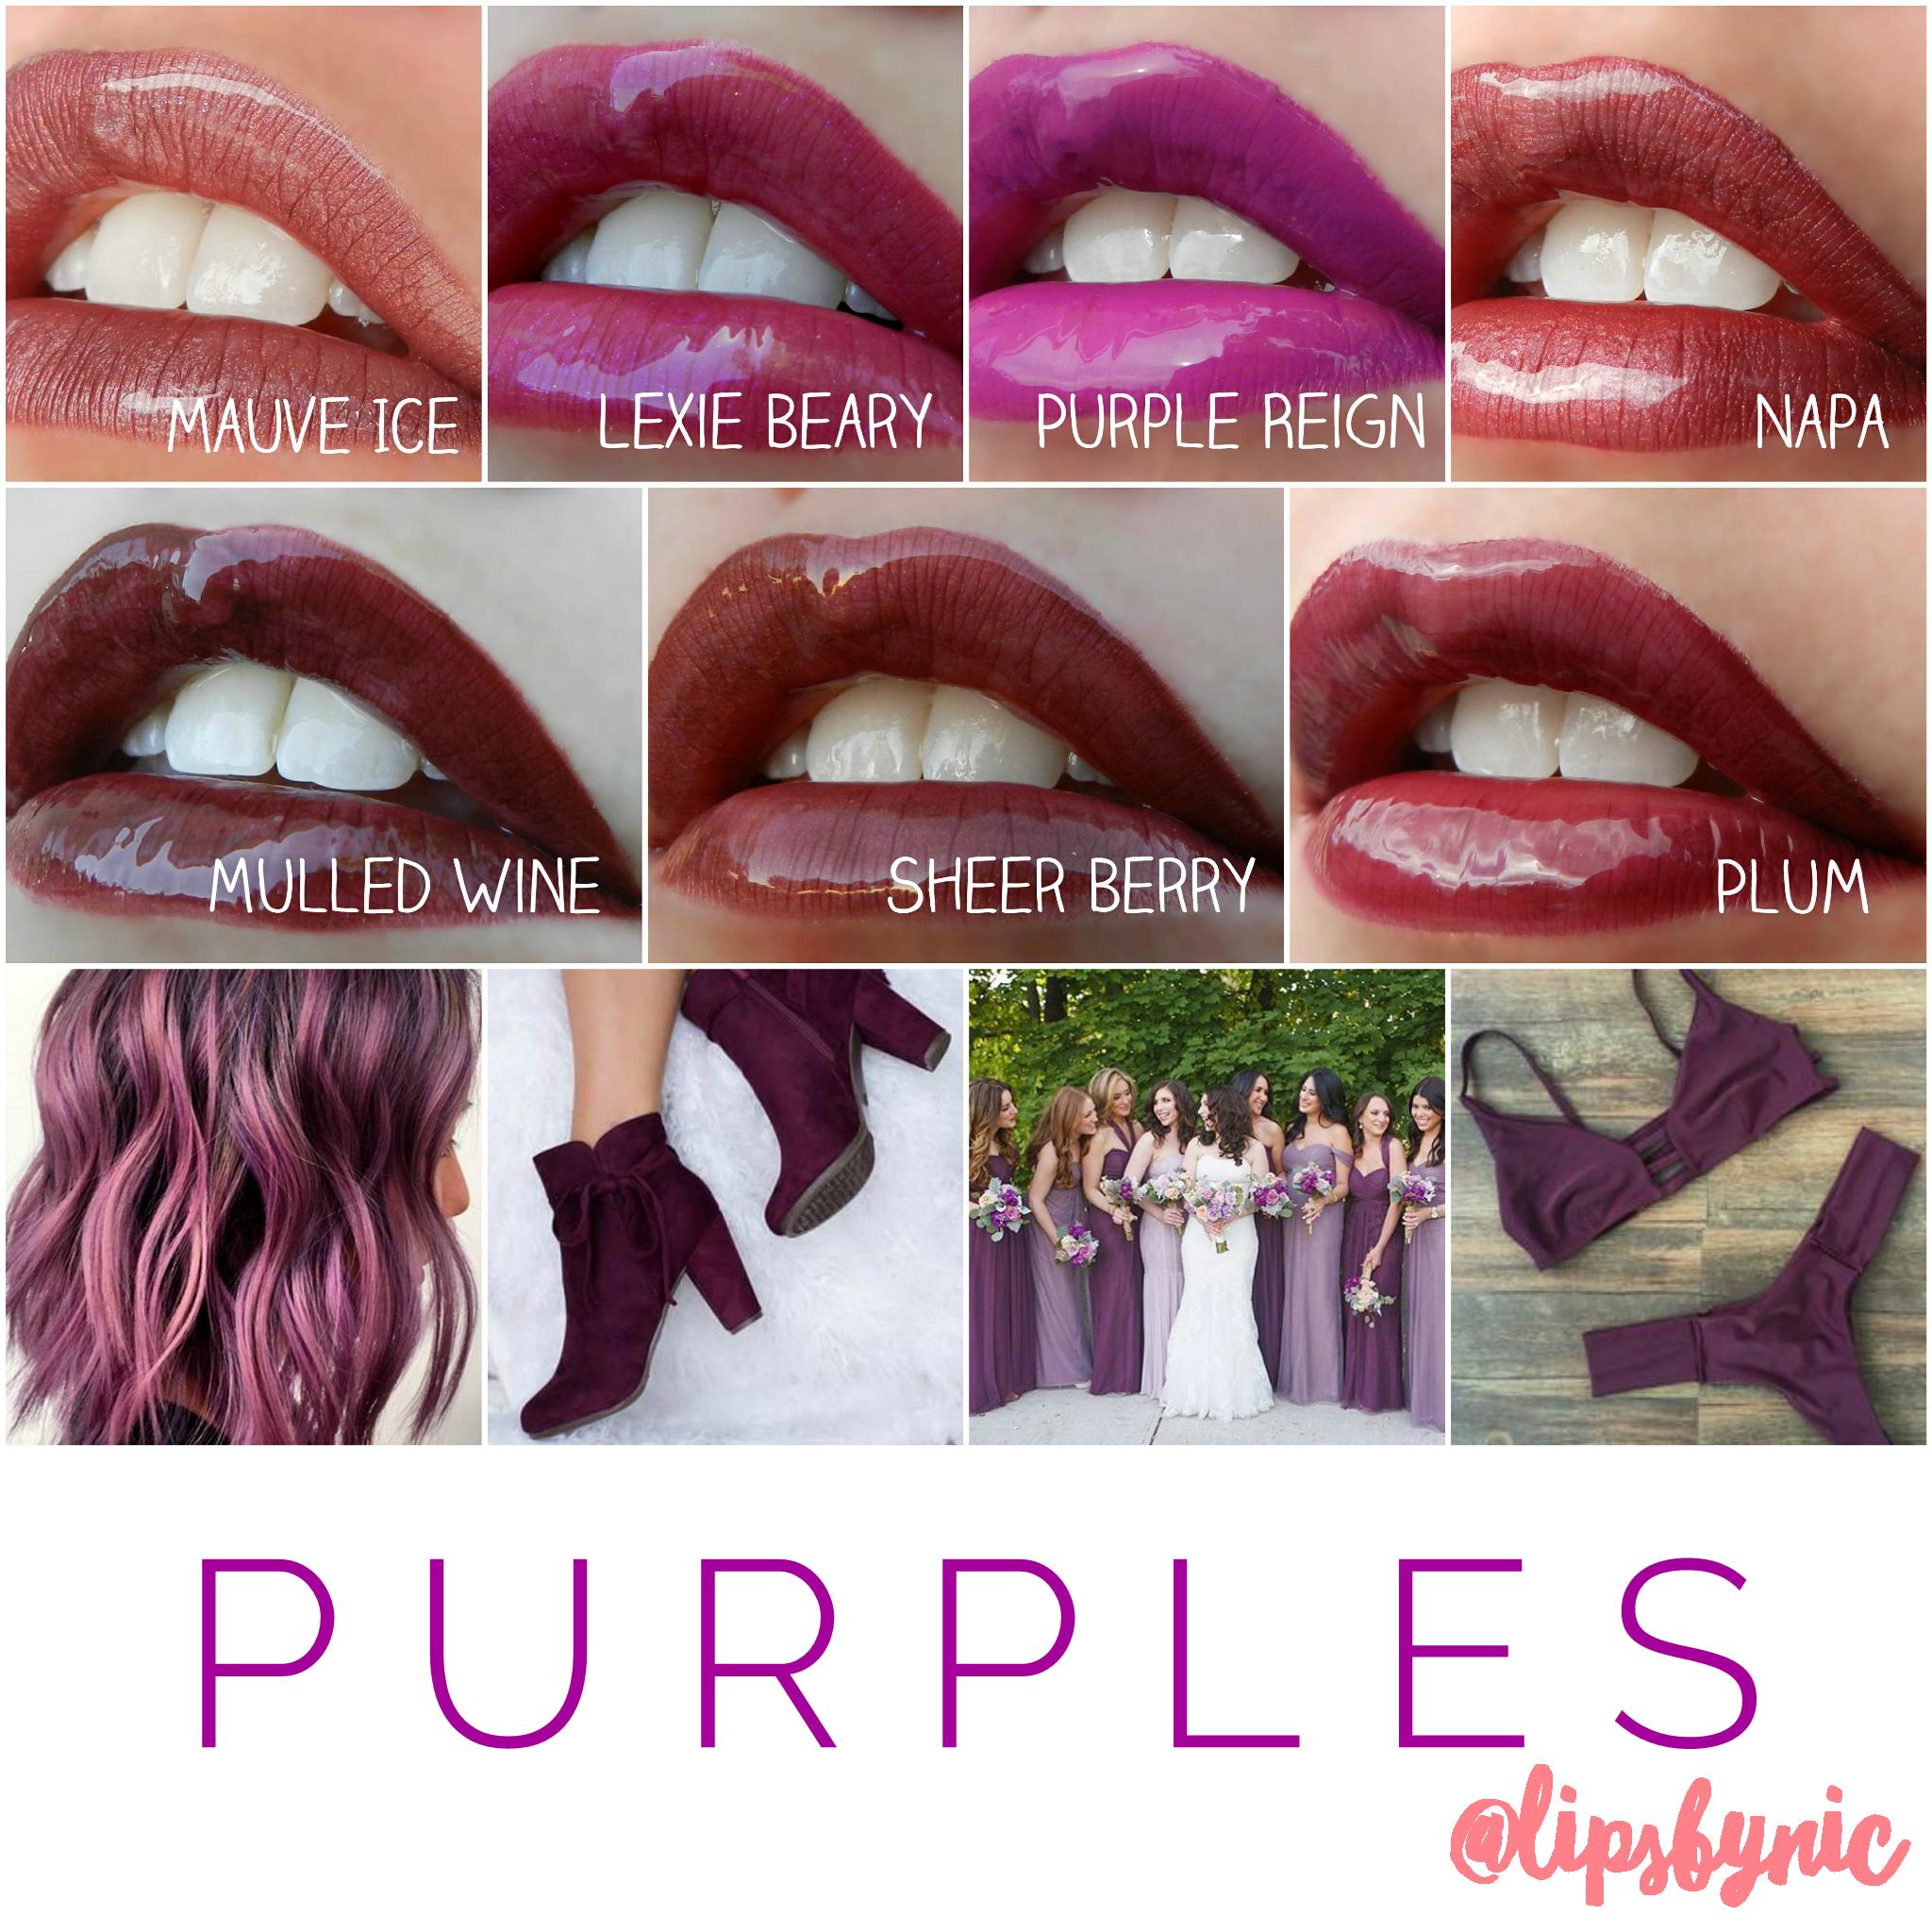 Current-LipSense-Colors-Purples